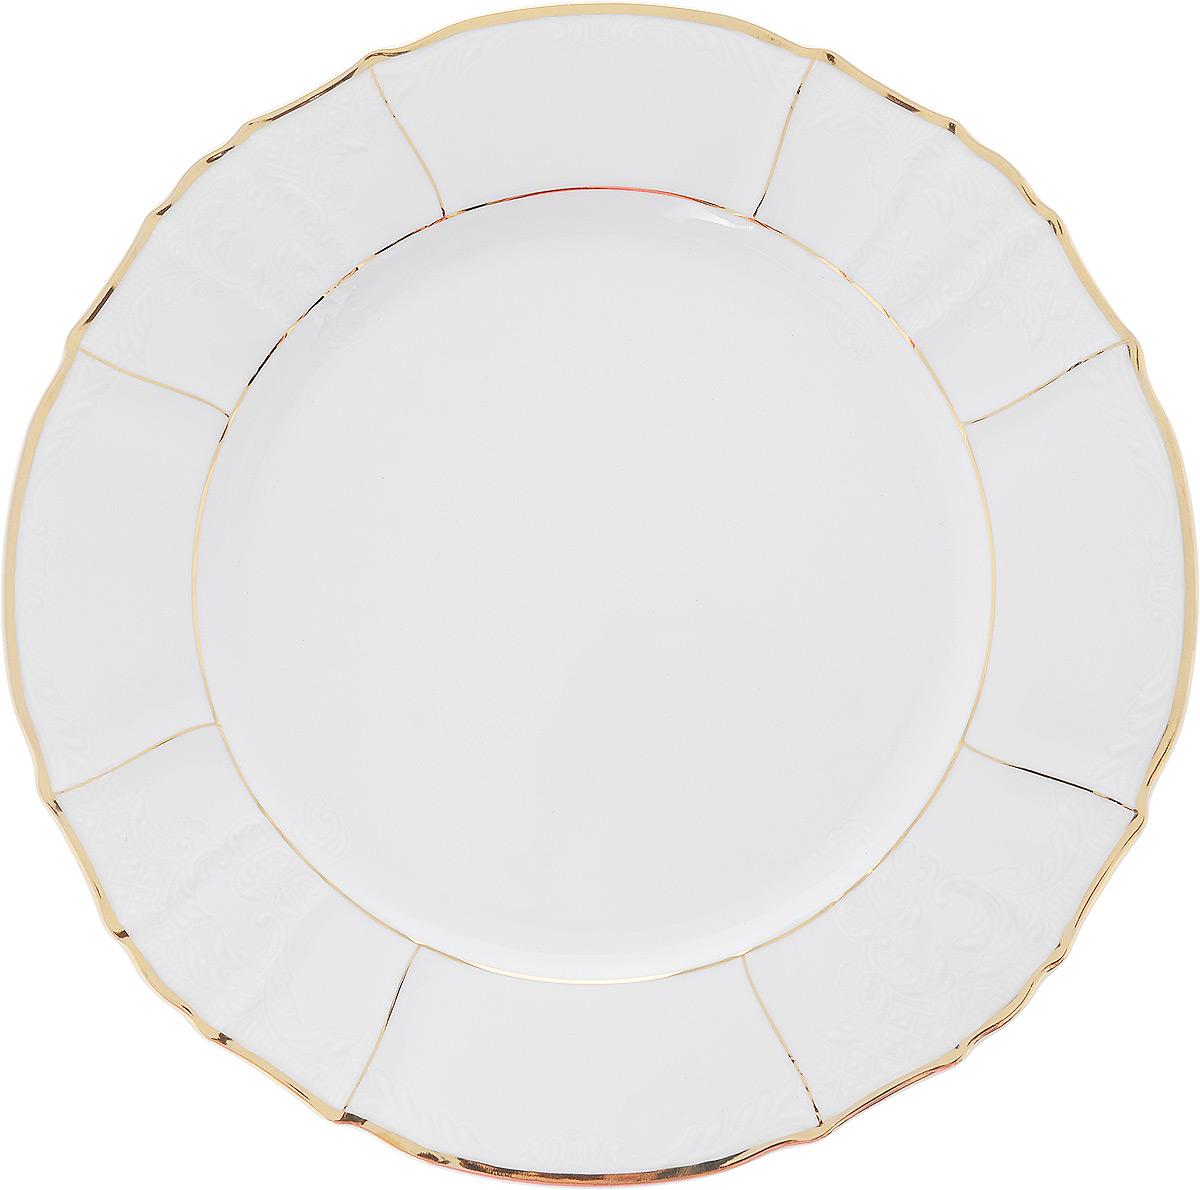 Блюдо Bernadotte Солнце, диаметр 30 см14023Блюдо Bernadotte Солнце выполнено из белоснежного фарфора с покрытием глазурью. Изделие украшено золотистой эмалью, изысканным рельефом и красивыми узорами. Оно прекрасно подойдет для сервировки разнообразных блюд - закусок, нарезок, салатов, канапе, овощей и фруктов, пирожных. Такое блюдо красиво дополнит сервировку вашего стола. Отлично подойдет для торжественных случаев.